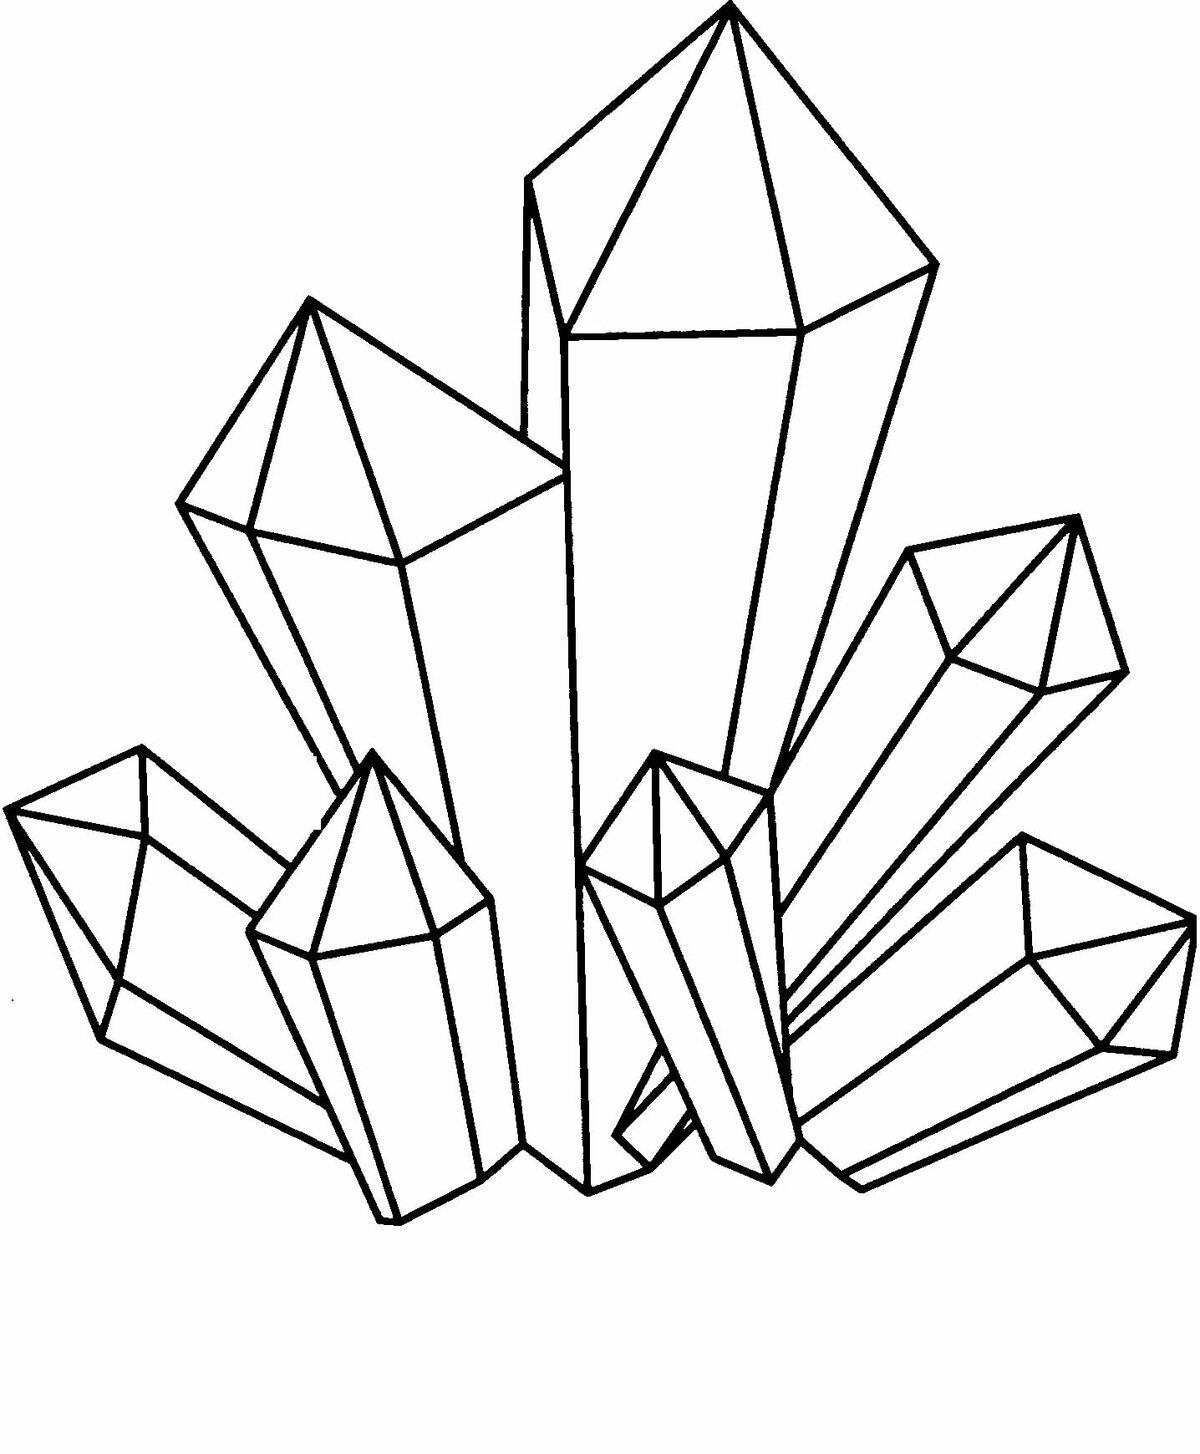 оформил картинки кристаллов поэтапно позволяет работать